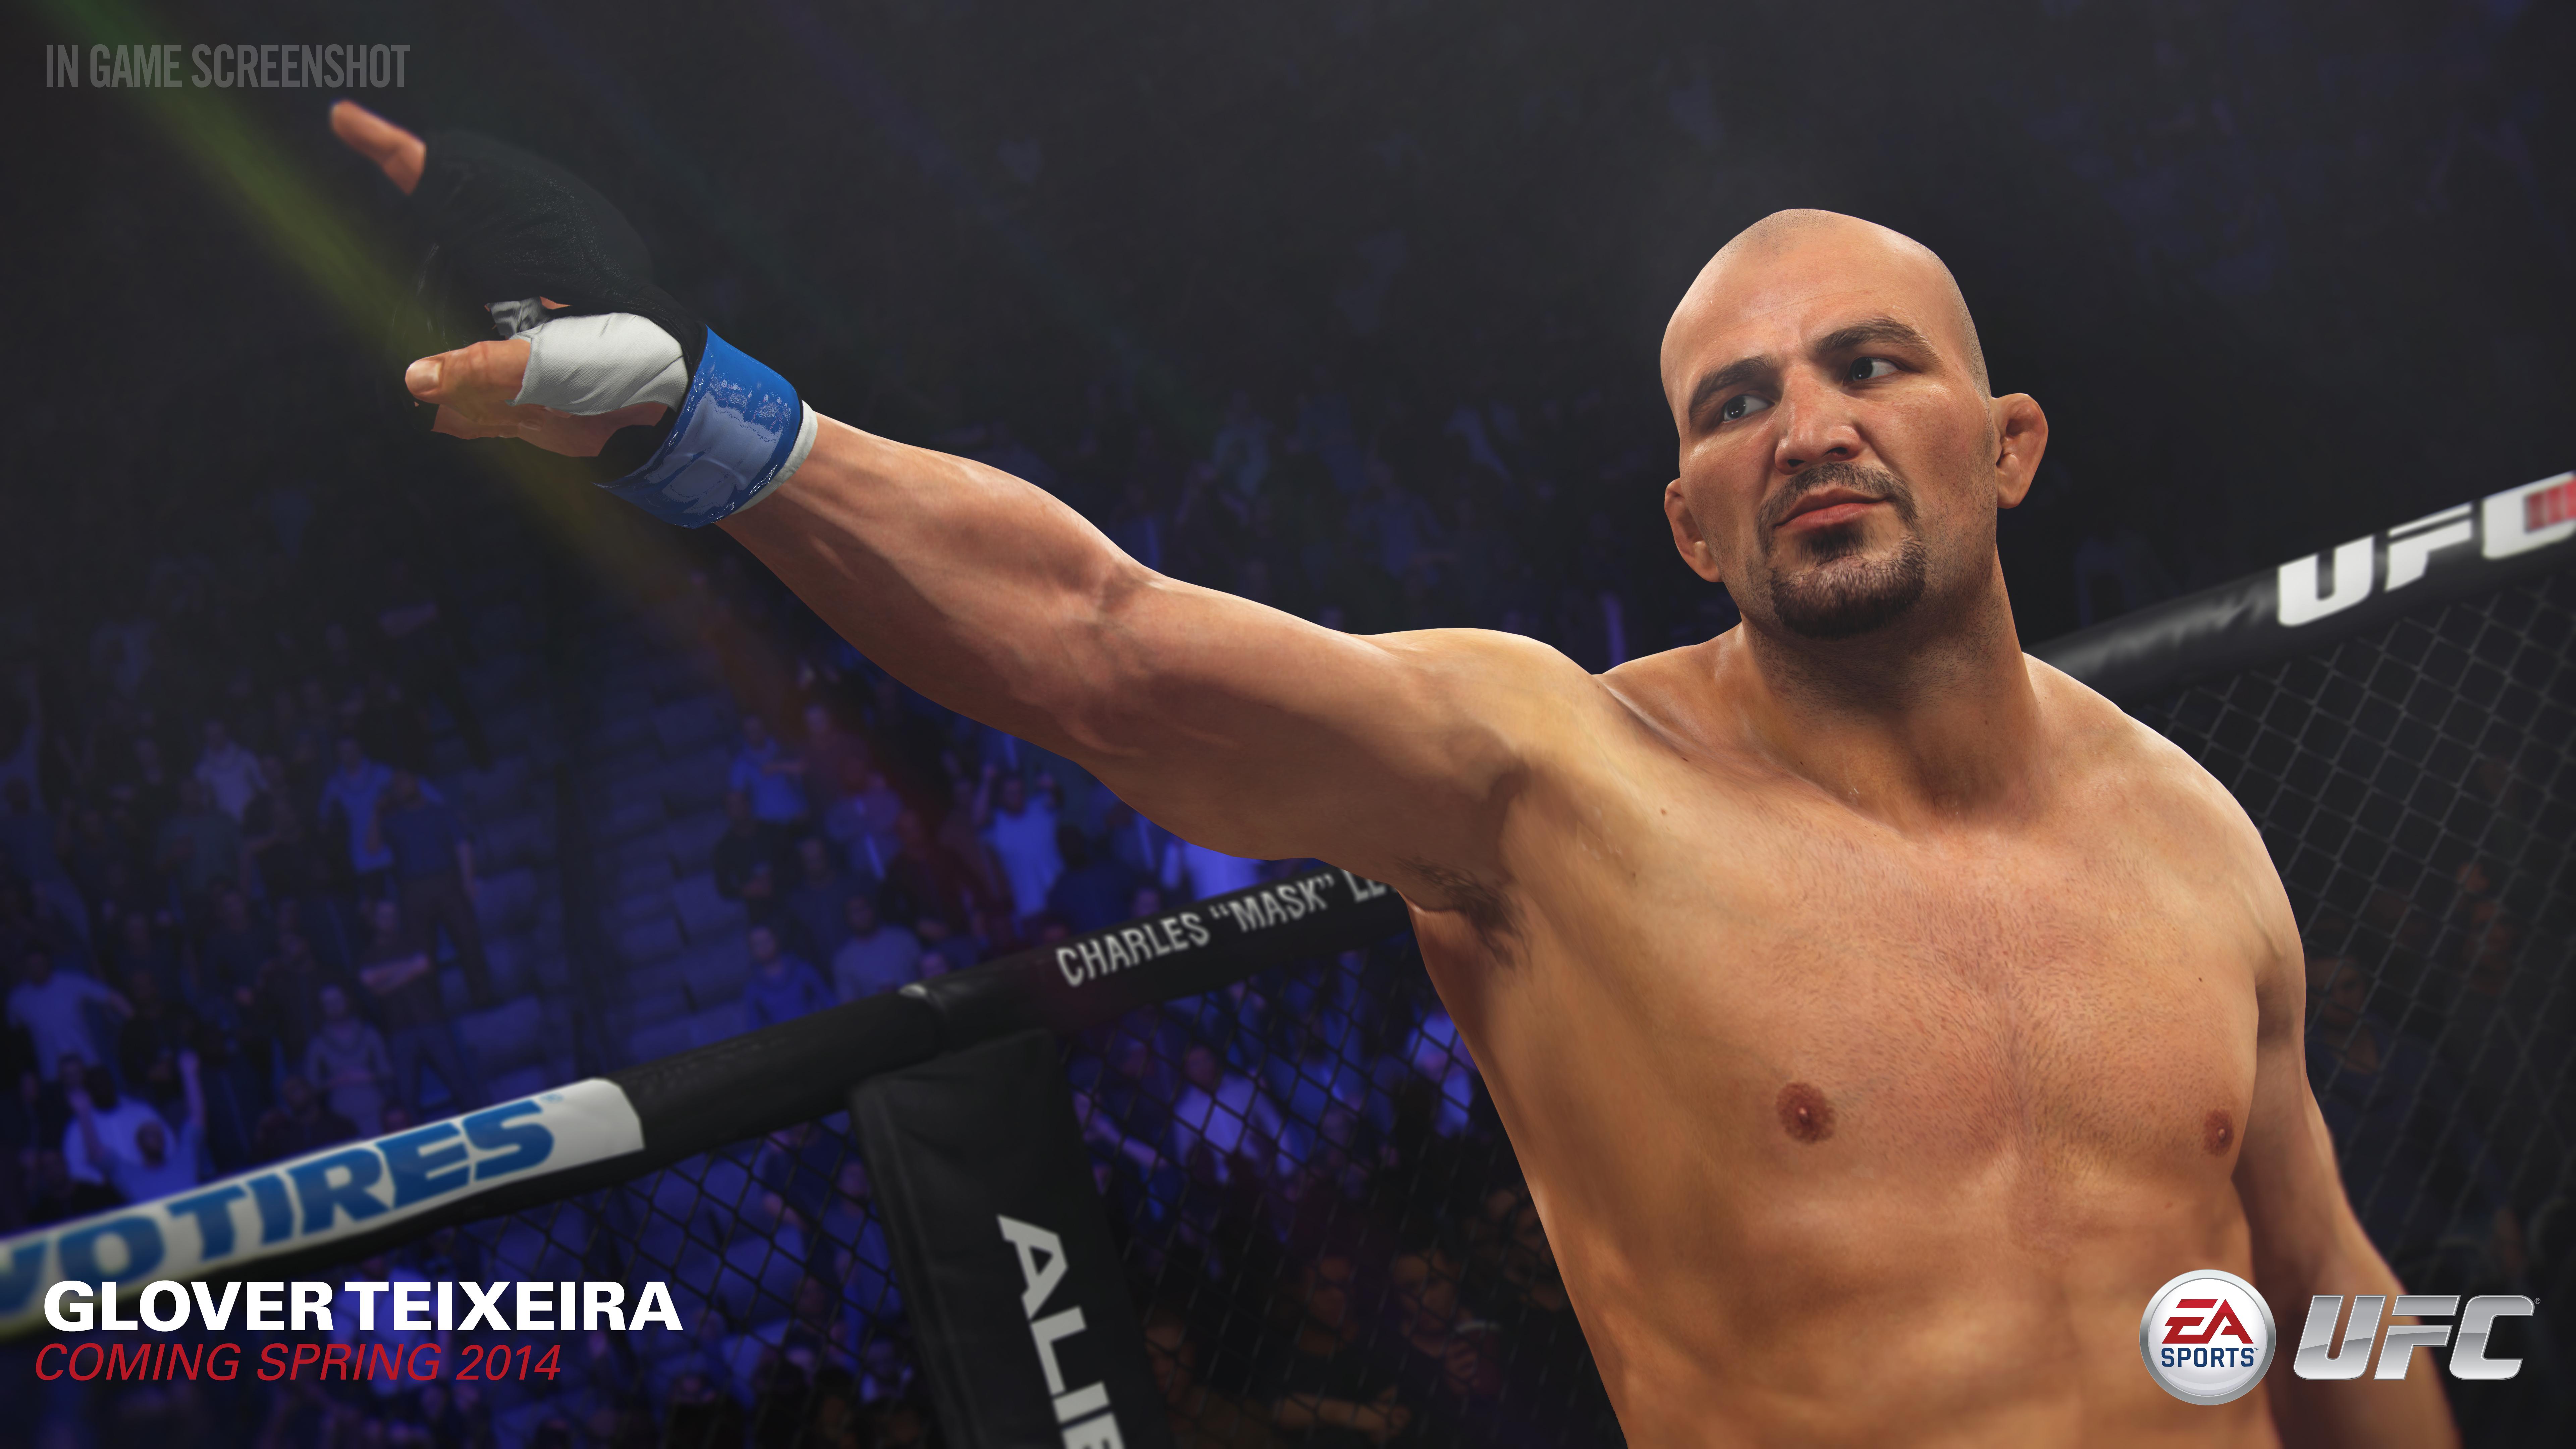 Гловер Тейшейра - EA Sports UFC 8K